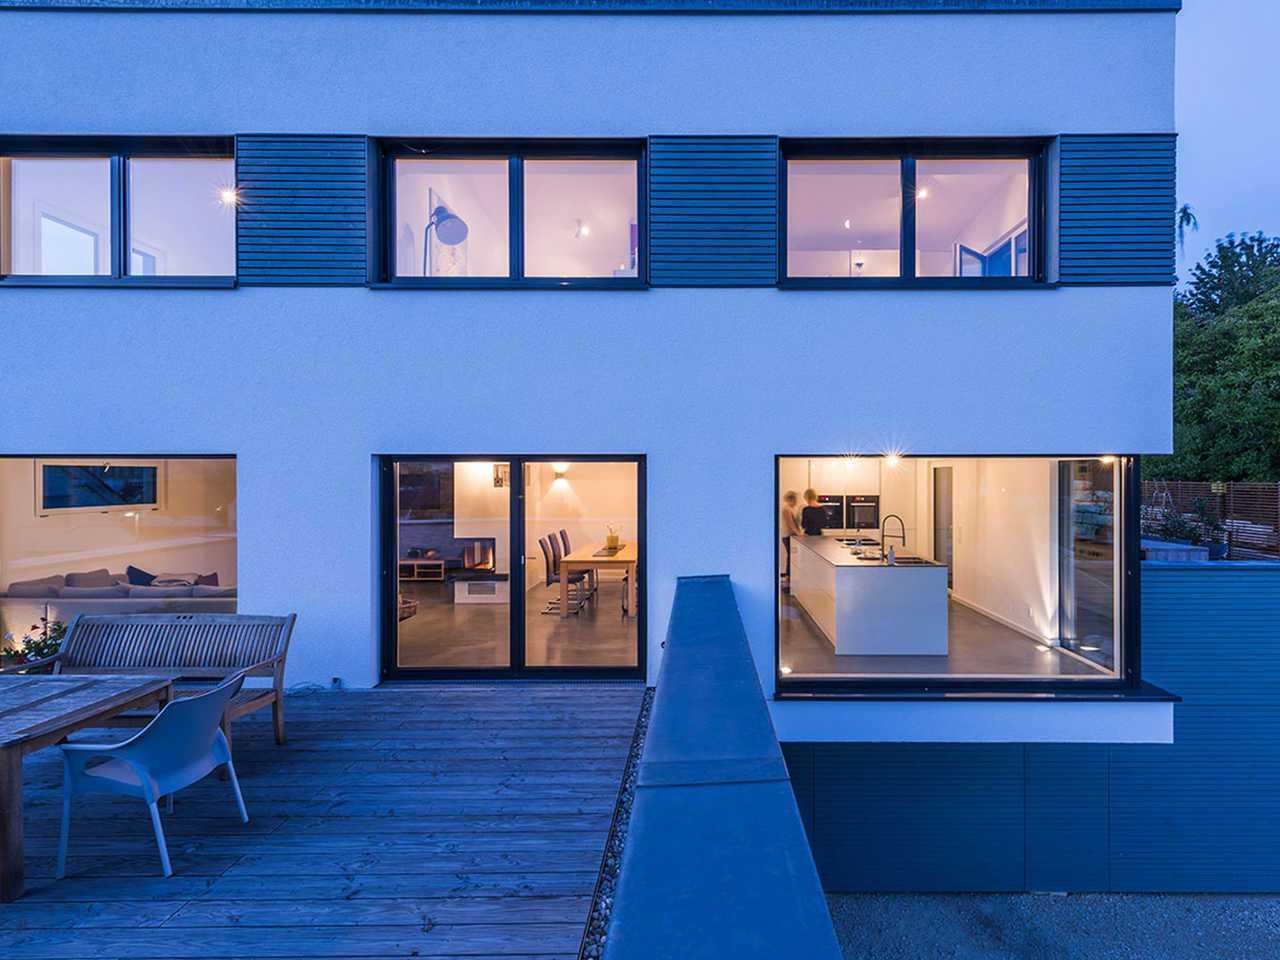 KitzlingerHaus - Referenzhaus Dettingen/Erms Abenddämmerung Terrasse